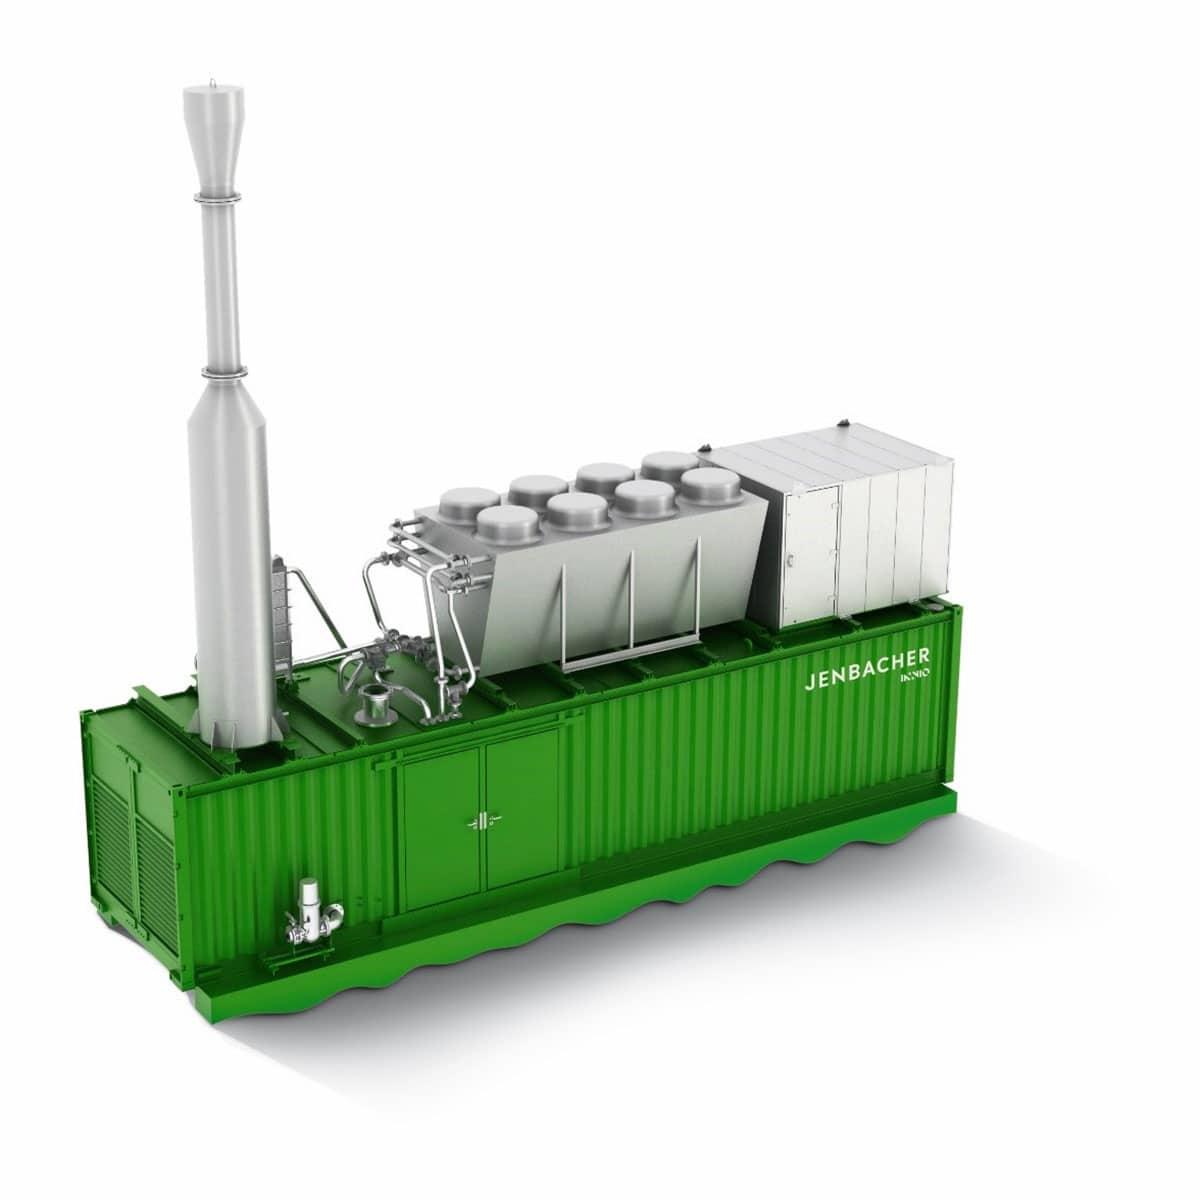 Контейнерна електростанція Jenbacher на базі 4 серії